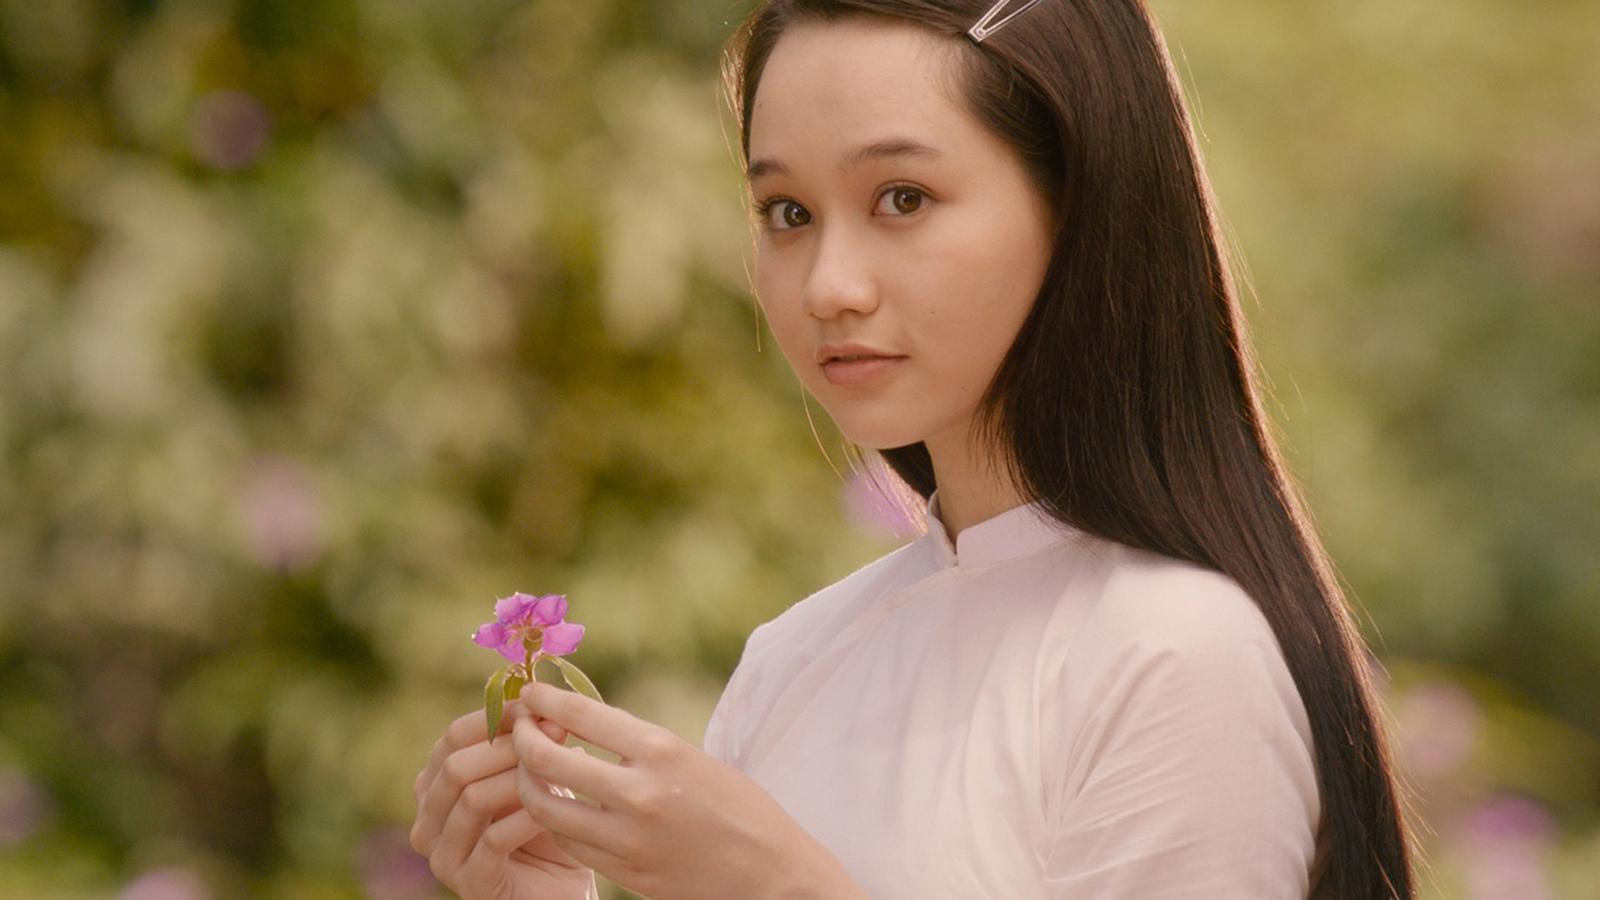 """Nàng """"Mắt Biếc"""" 21 tuổi hot nhất màn ảnh Việt tiết lộ điều bí mật - 7"""